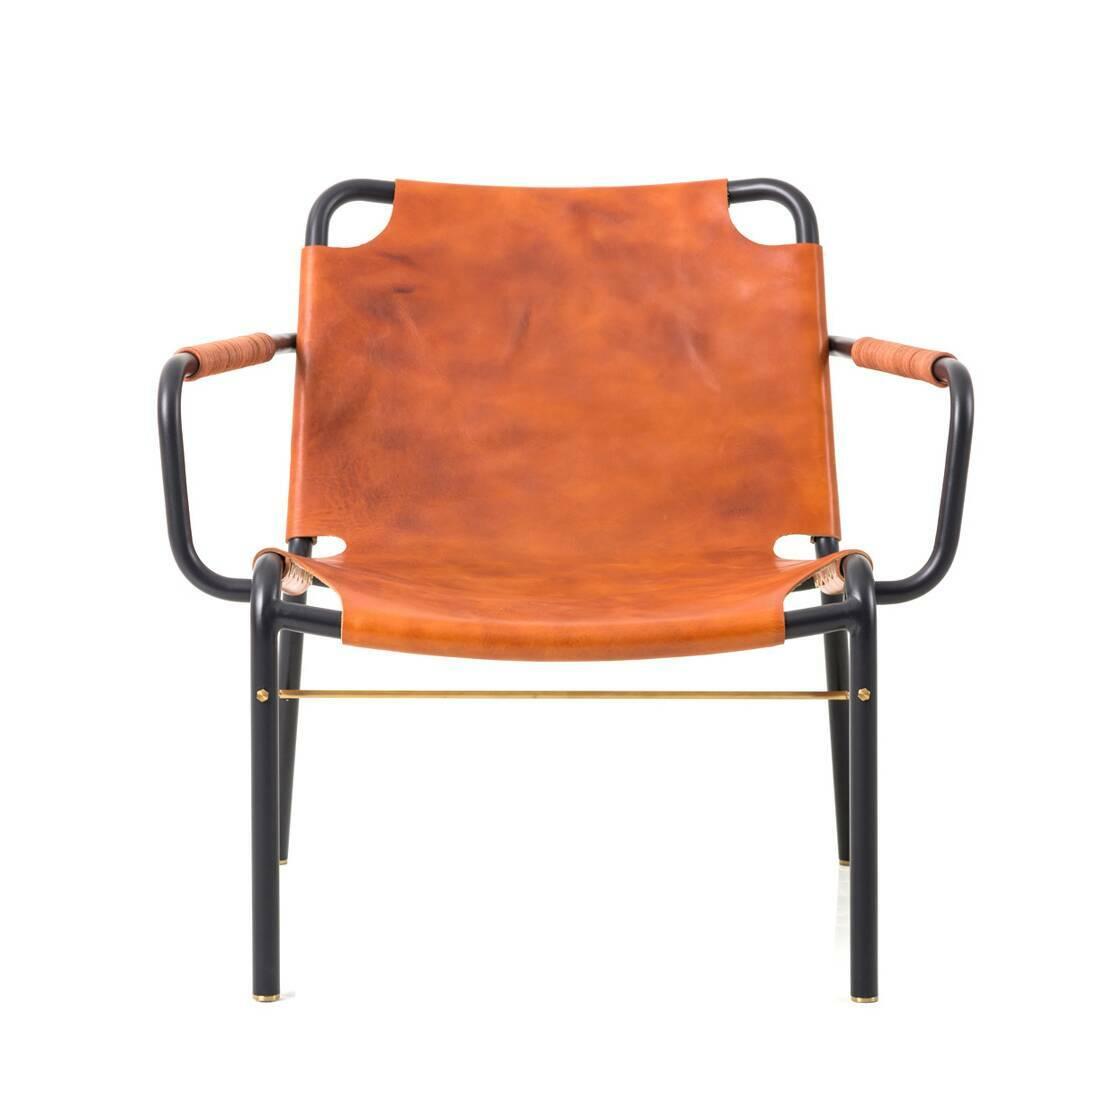 Кресло Valet манекен мужской valet brown adjustoform